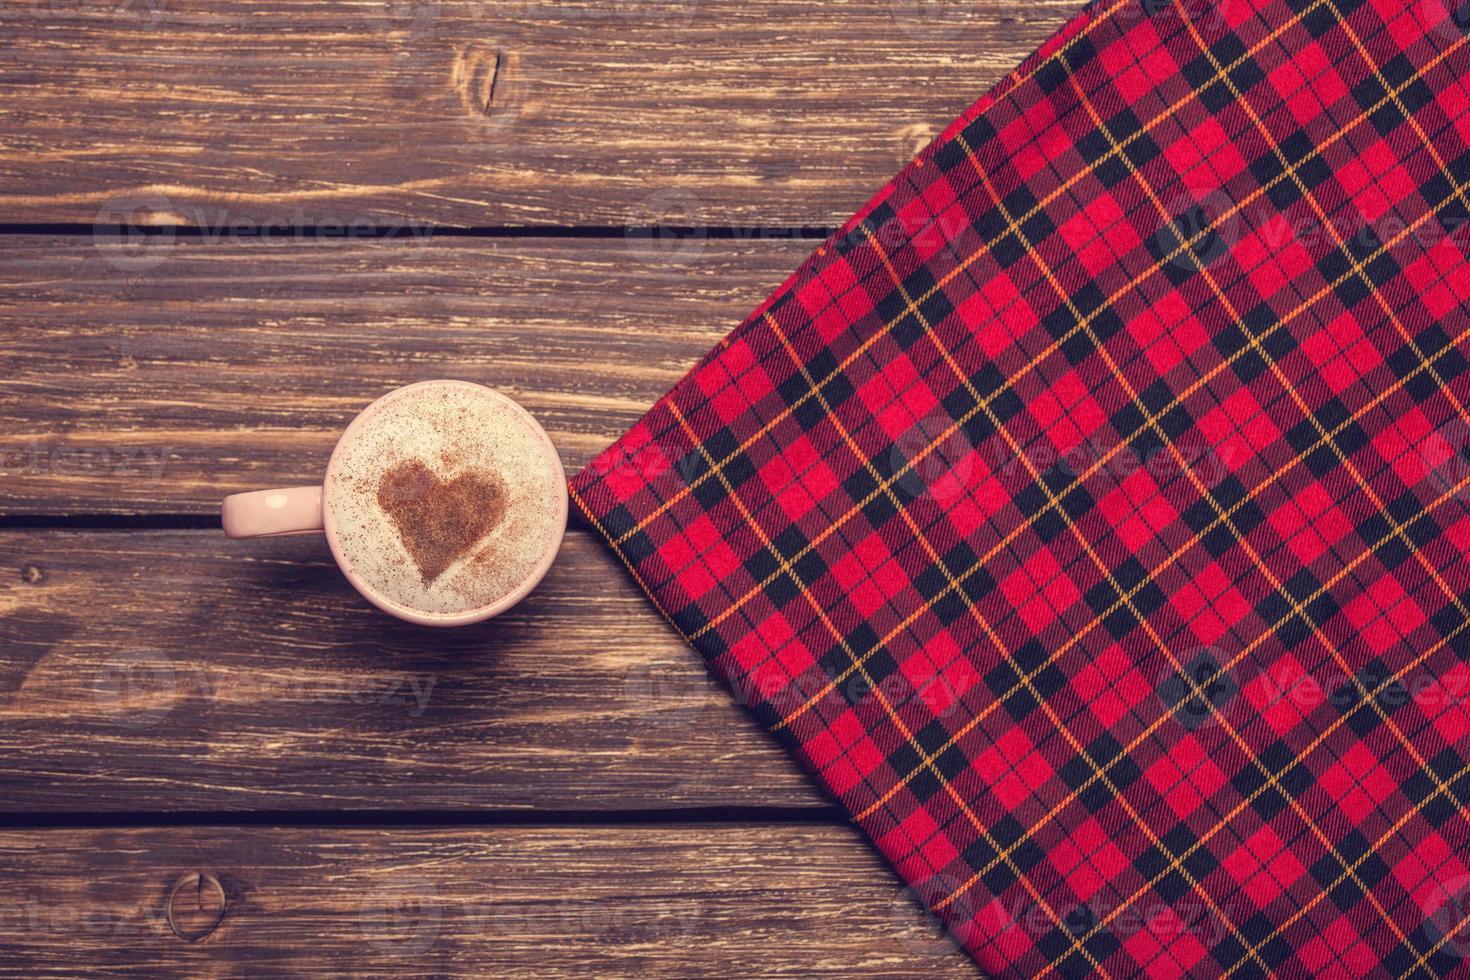 kopp kaffe på ett träbord. foto